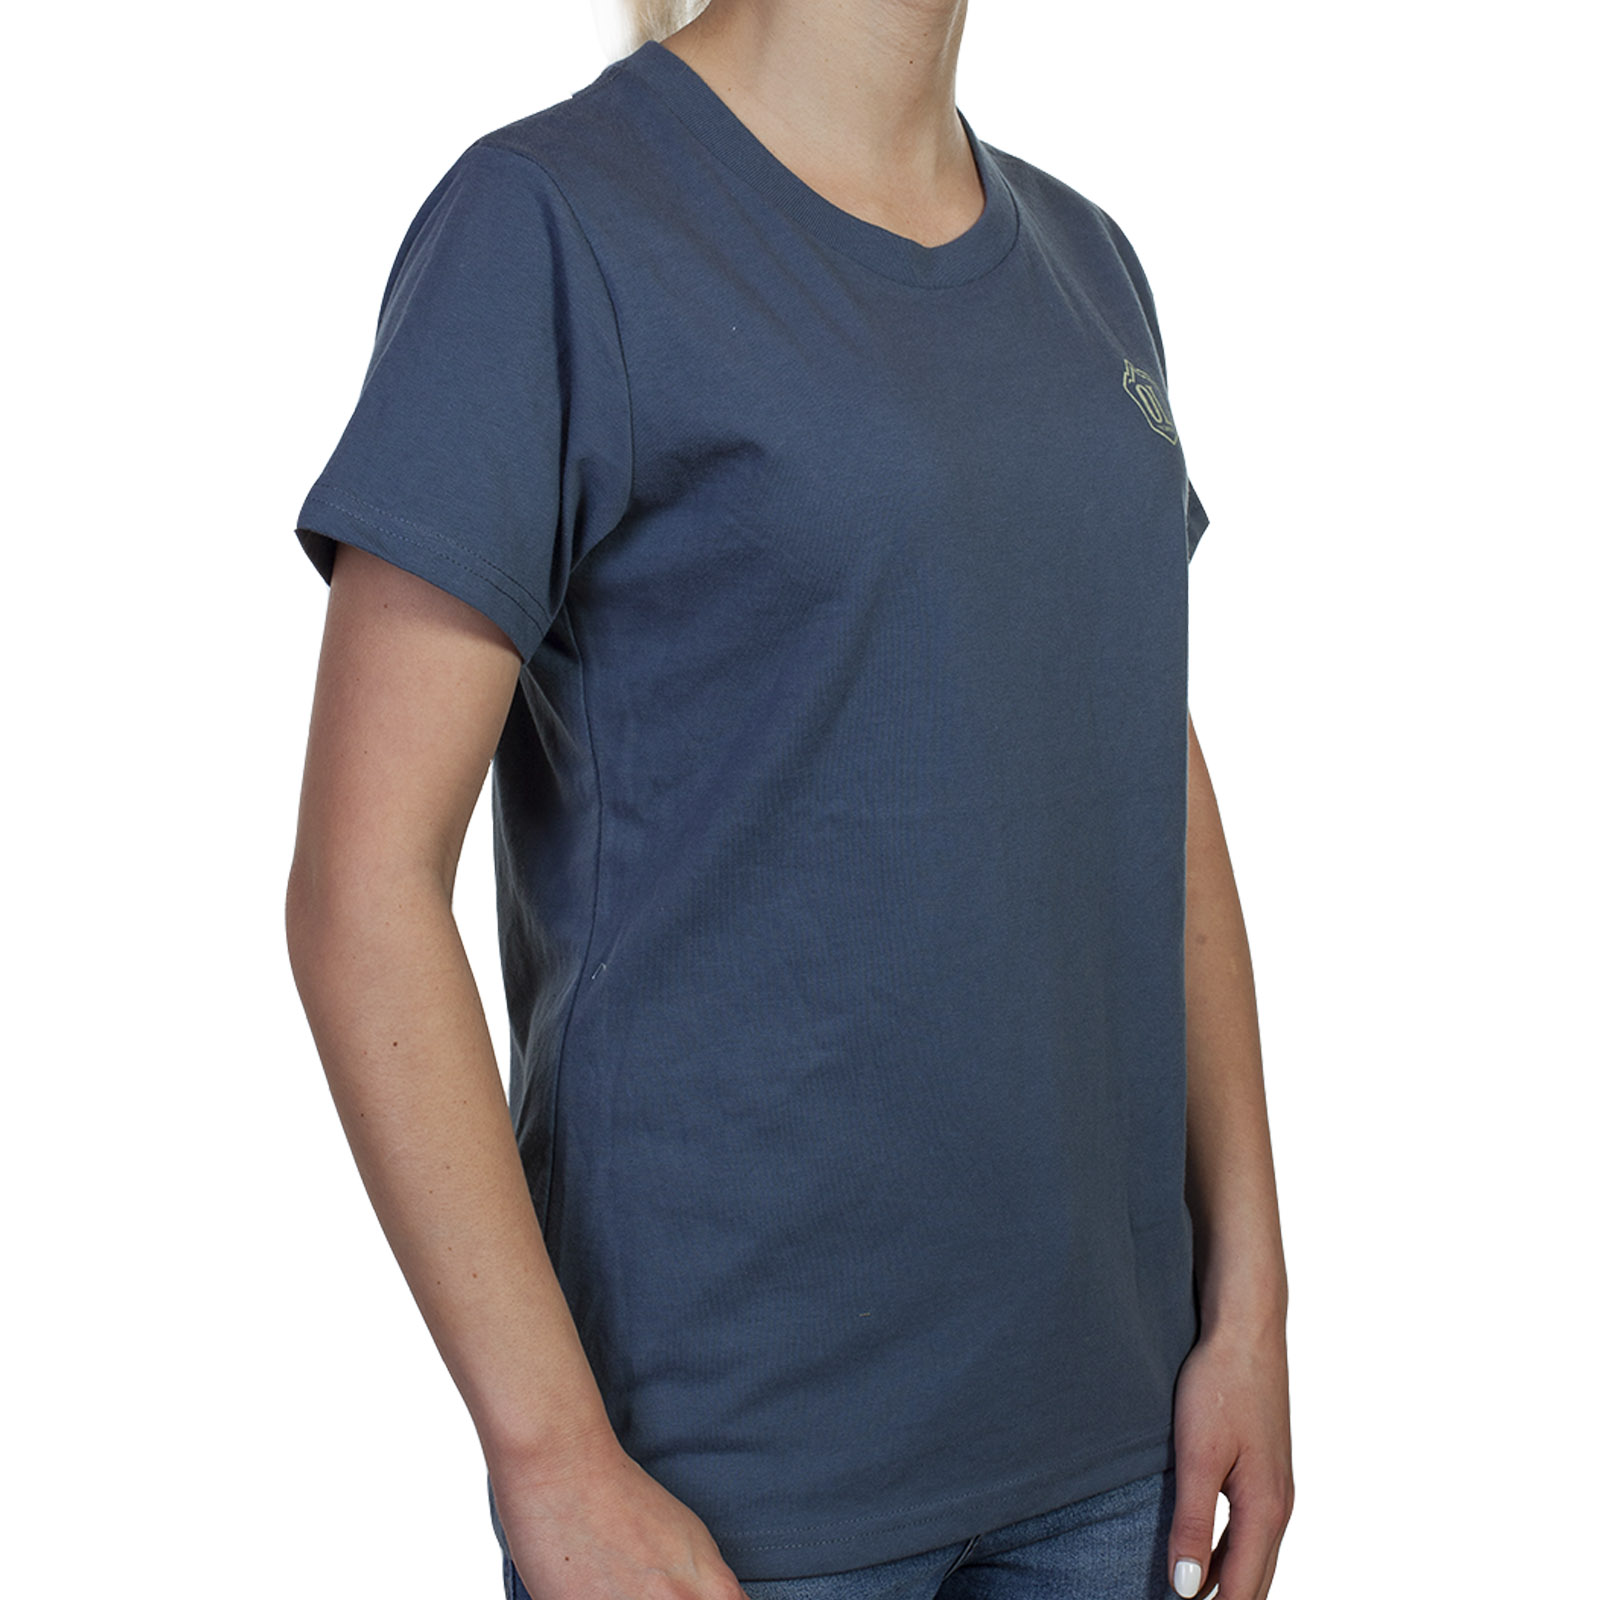 Красивые футболки фирменного качества для девушек и женщин